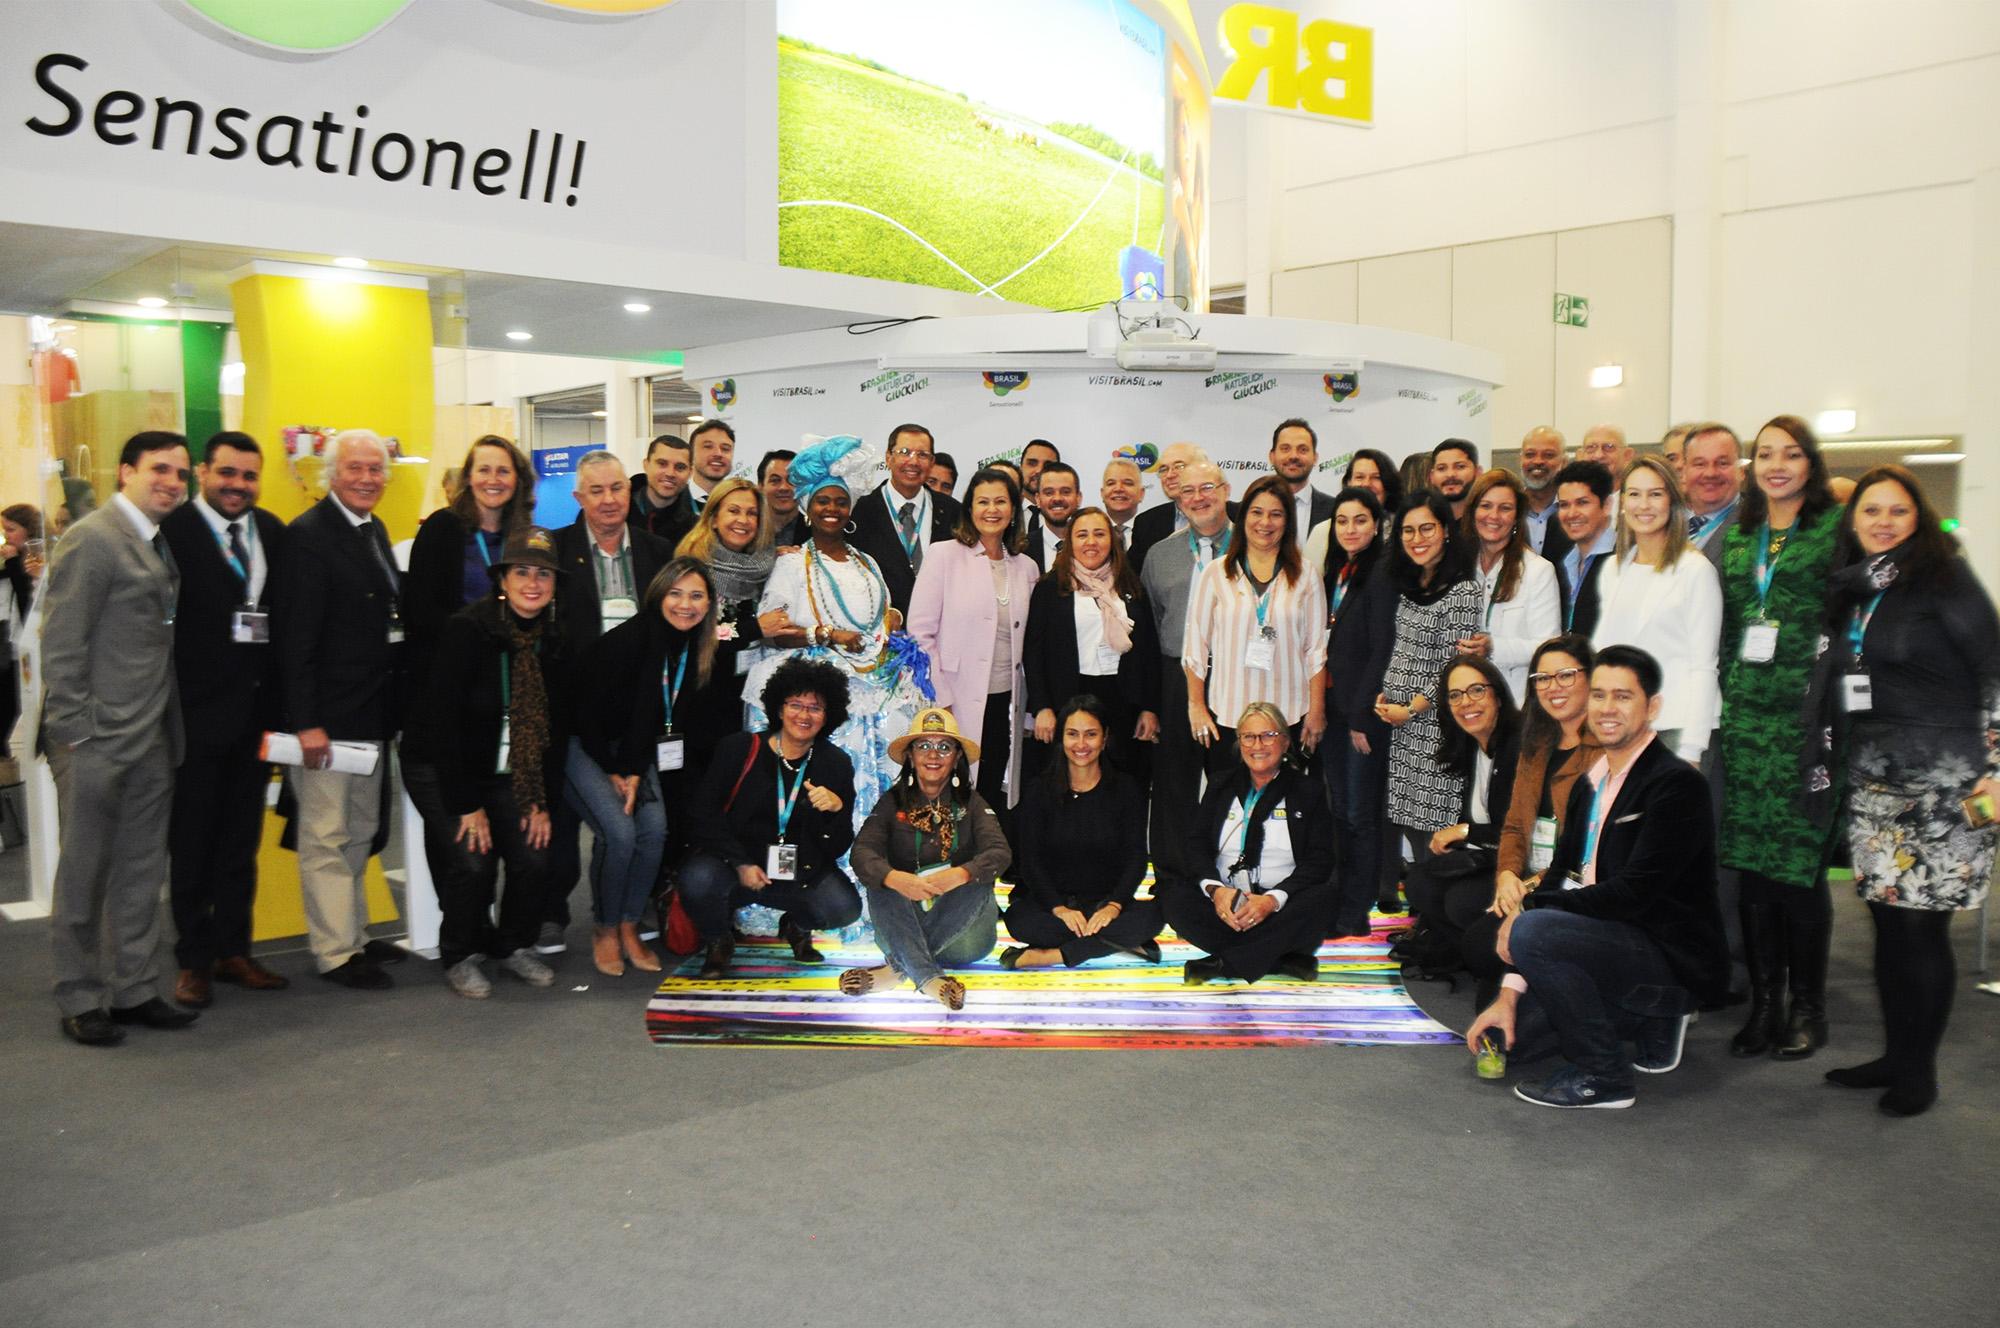 Delegação brasileira reunida no estande do Brasil na ITB 2019